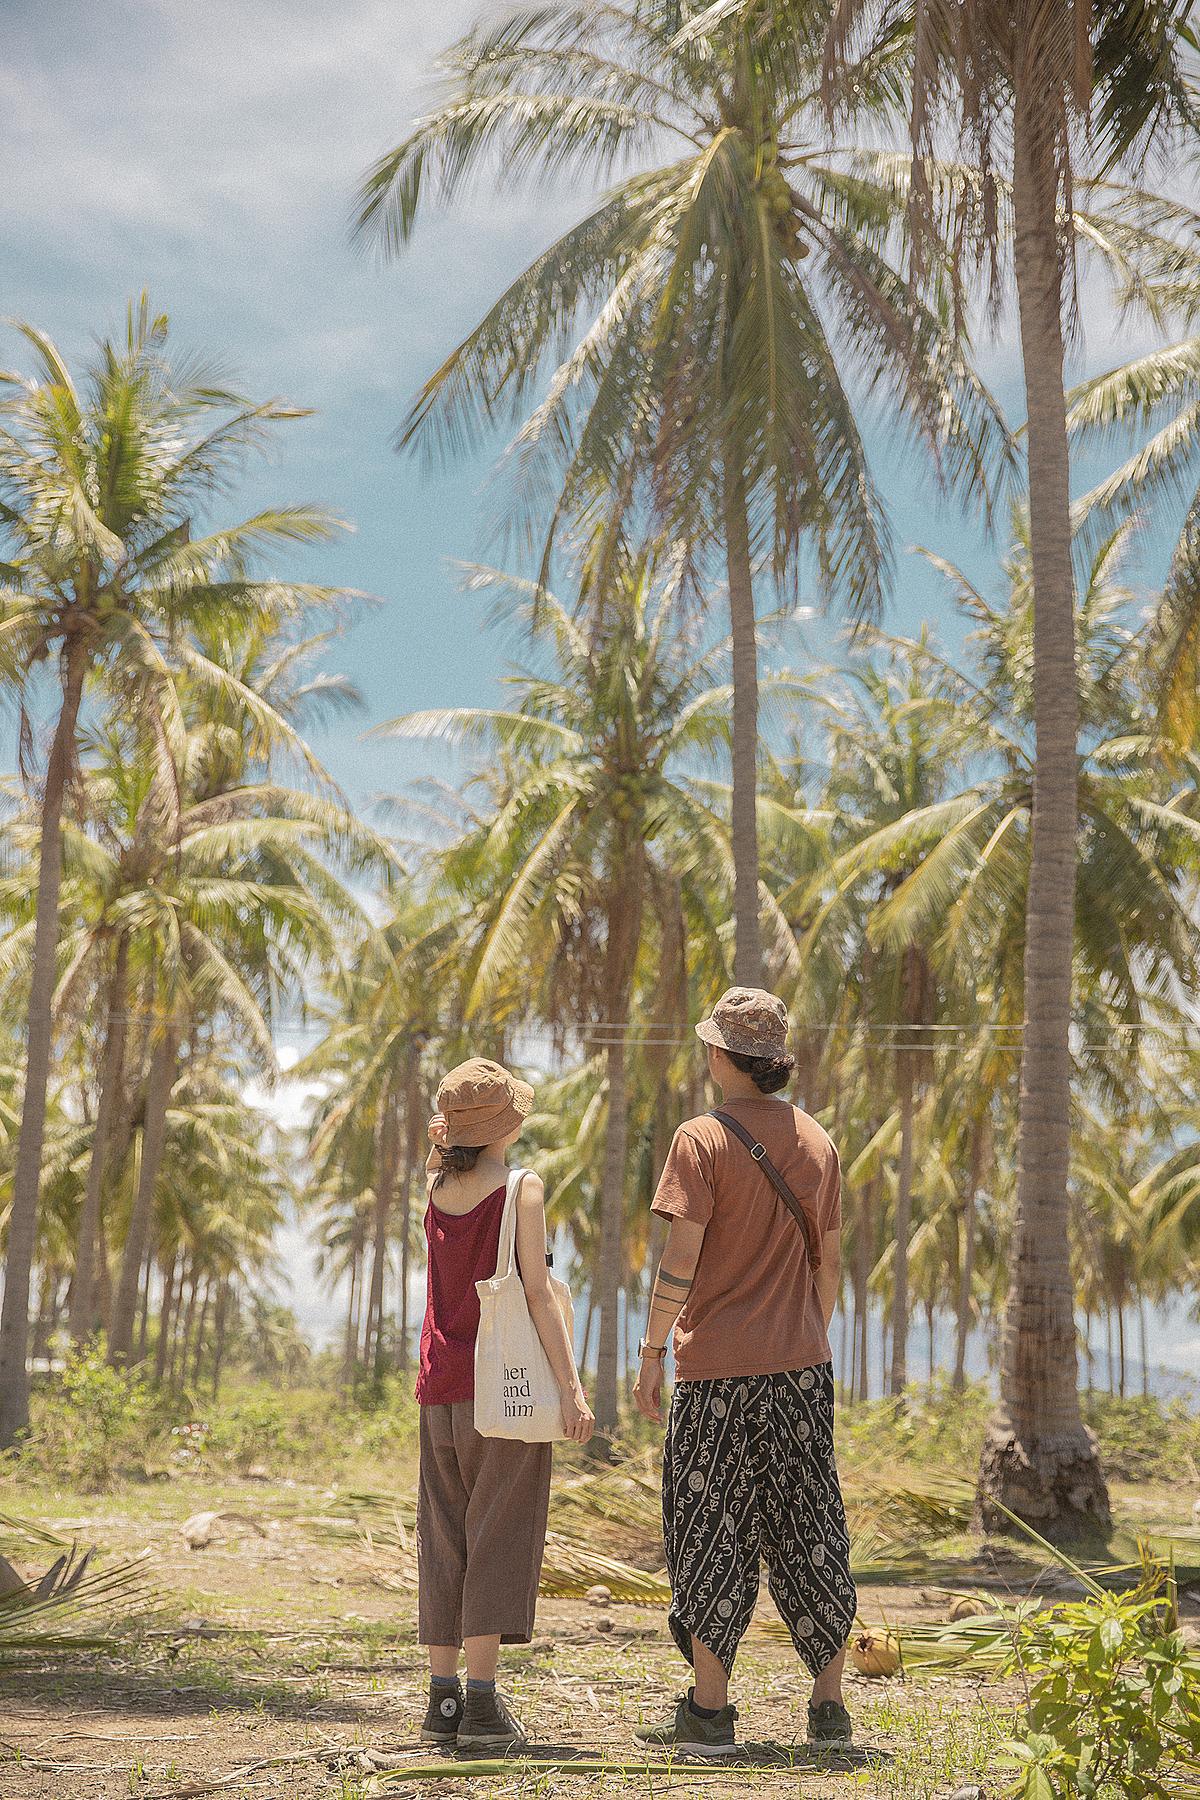 Cam Ranh vẫn còn hoang sơ, các khách sạn, resort đang xây dựng, không có quá nhiều lựa chọn lưu trú nên Thương chọn một homestay nhỏ, chủ nhà thân thiện. Khi đi chơi các đảo, 9X cùng bạn trai đặt tour của hướng dẫn viên địa phương để tiết kiệm chi phí hơn đi tự túc.